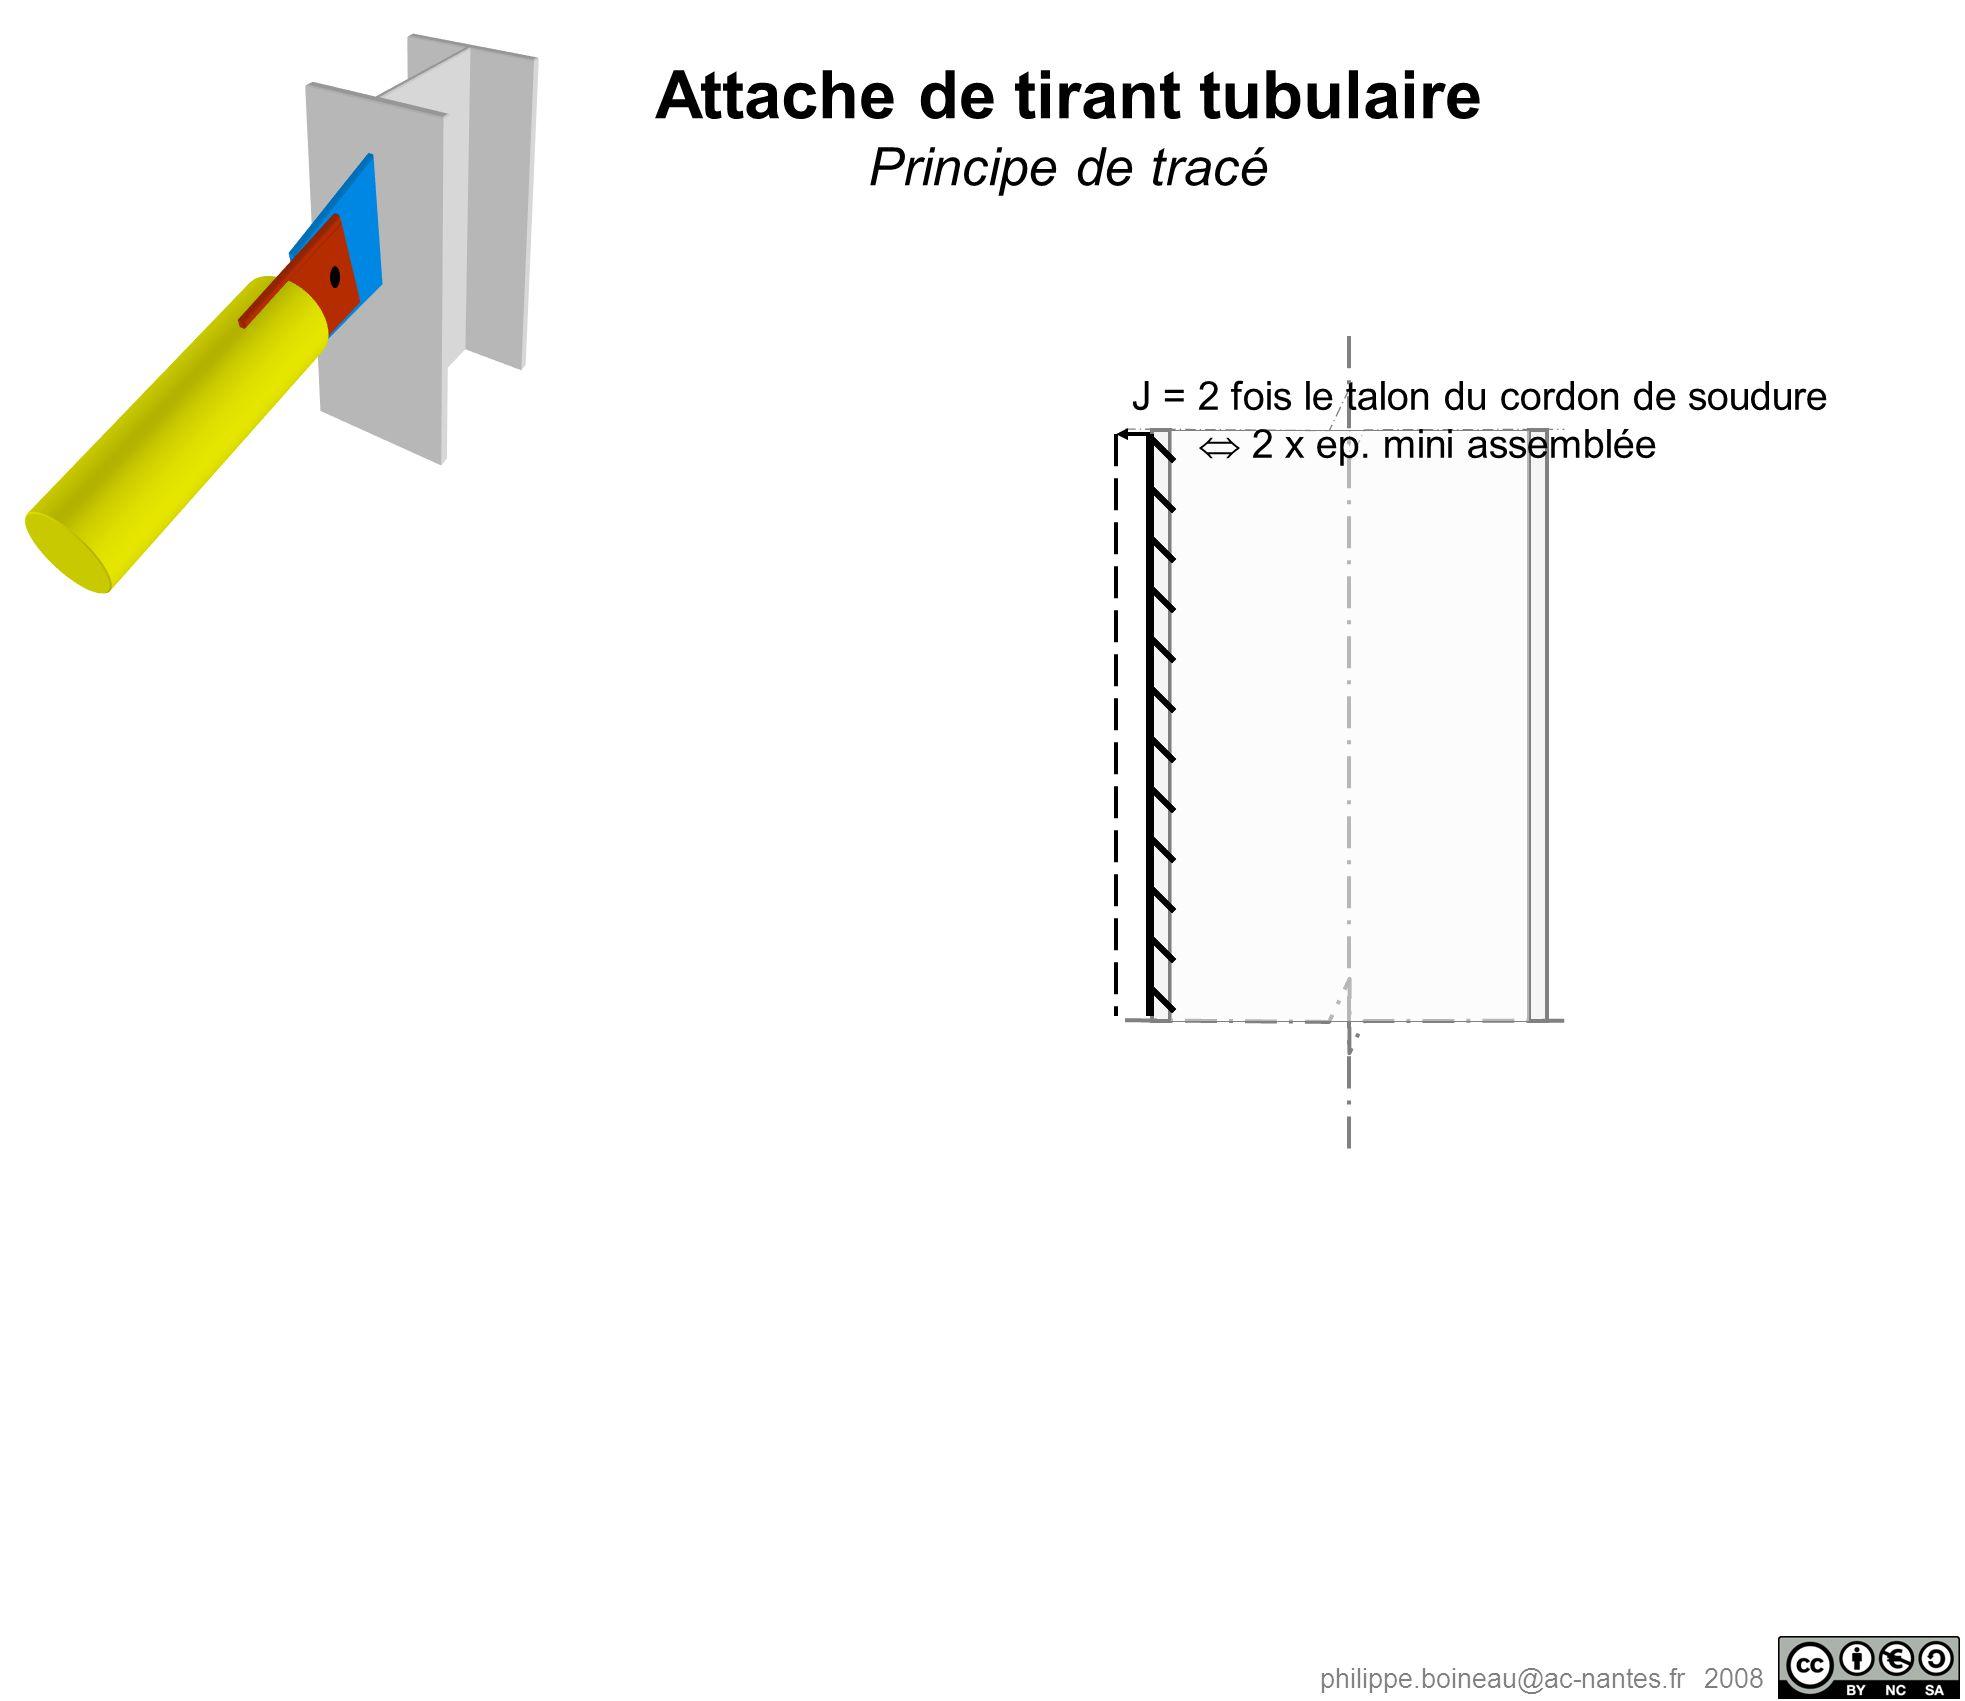 philippe.boineau@ac-nantes.fr 2008 Attache de tirant tubulaire Principe de tracé J = 2 fois le talon du cordon de soudure 2 x ep. mini assemblée